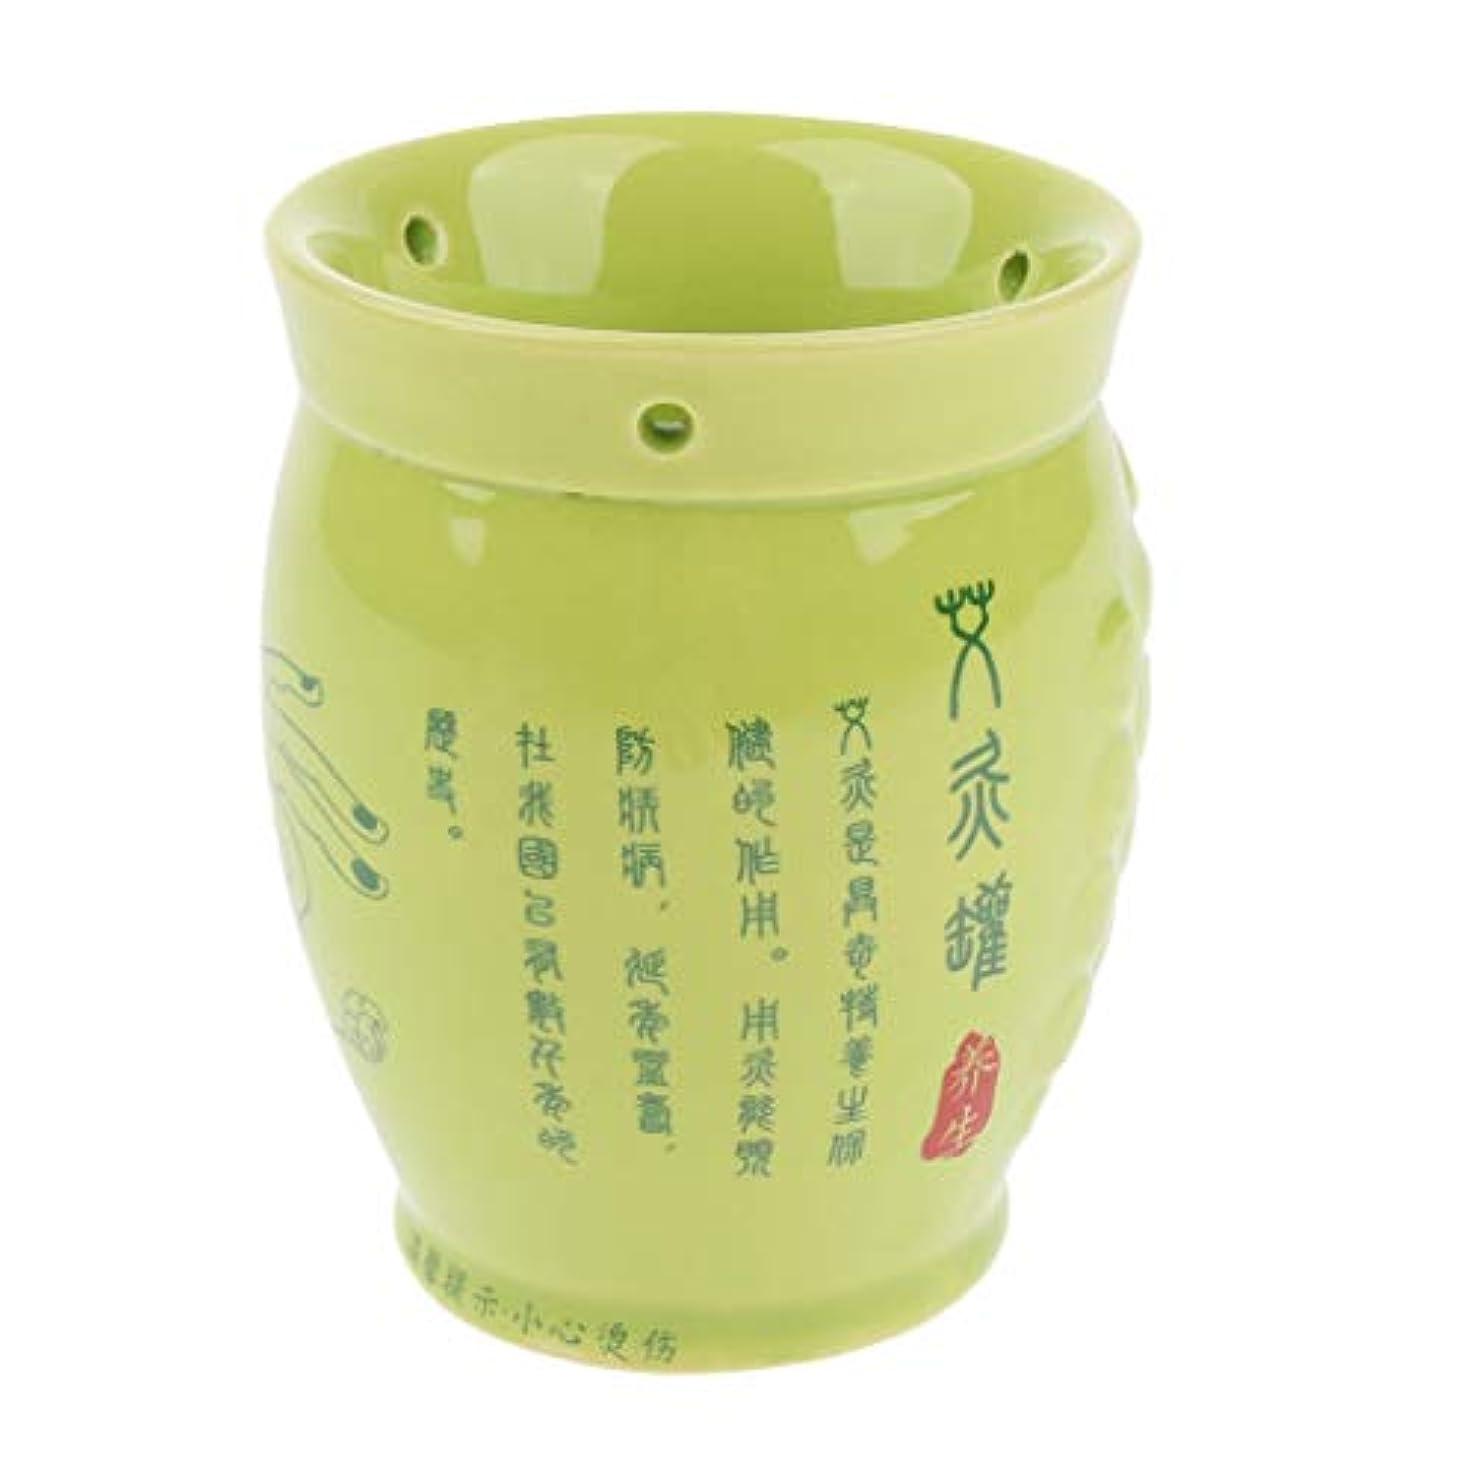 ほぼ確認してください西D DOLITY 中国式カッピングカップ 缶 ポット マッサージ お灸 セラミック製